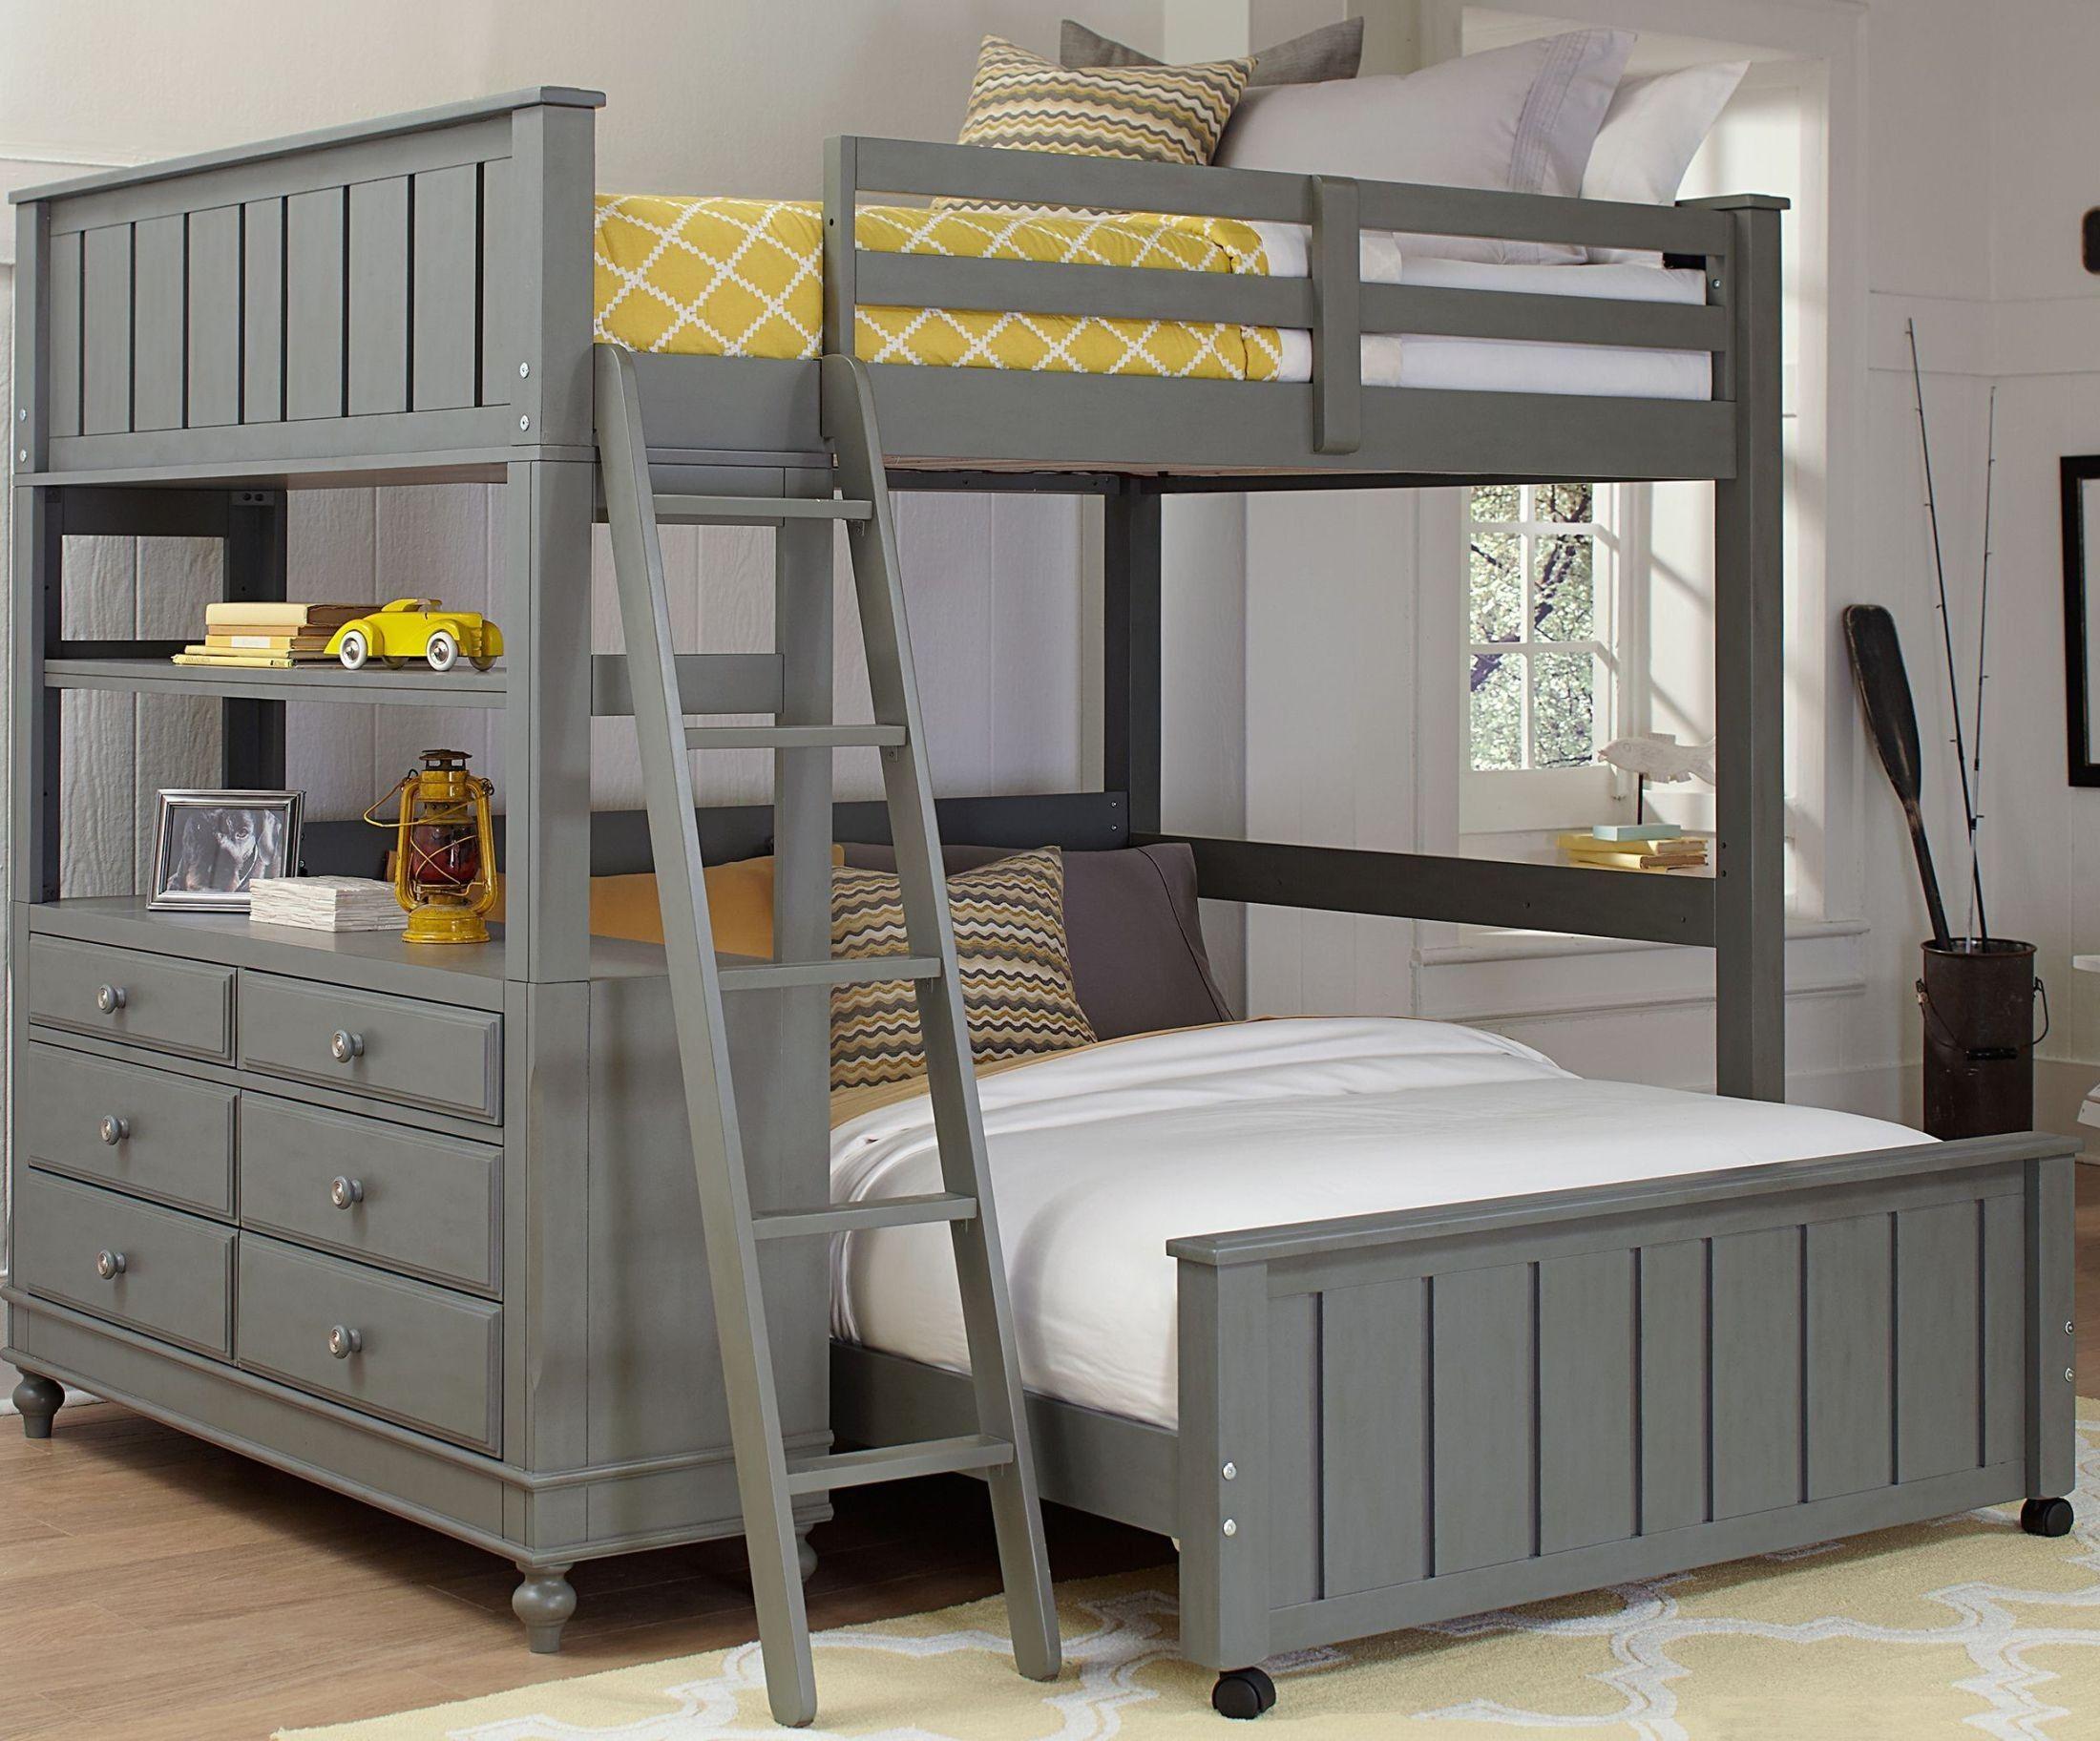 House Loft Bed Full